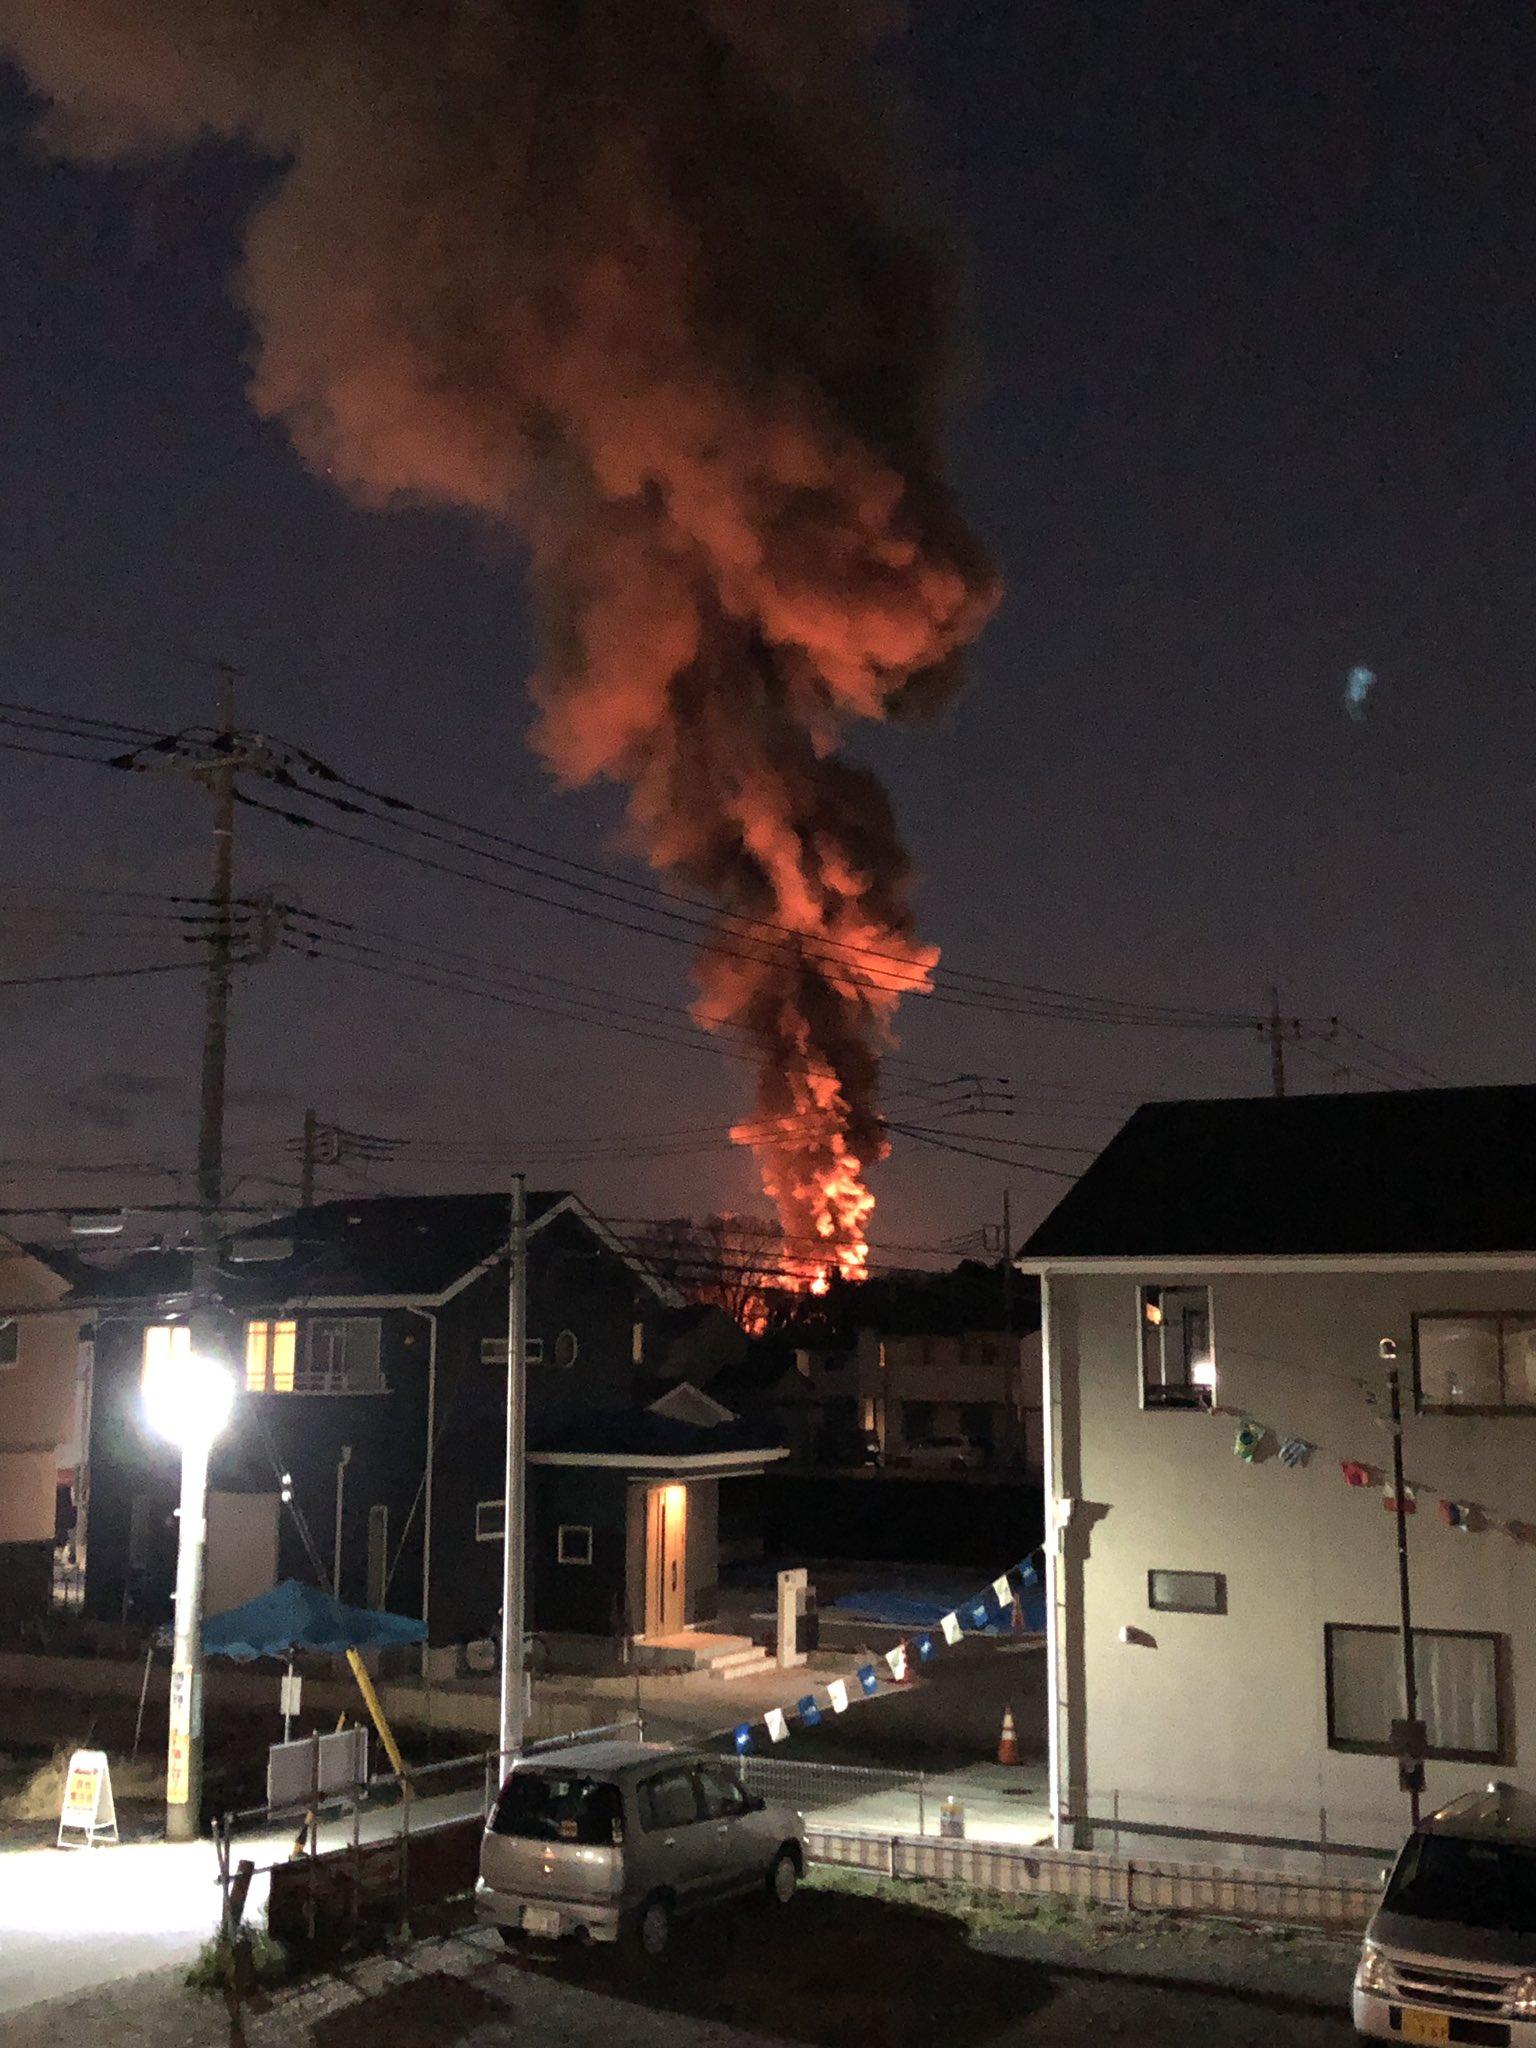 所沢市岩岡町の建物火災で火柱を上げ炎上している画像